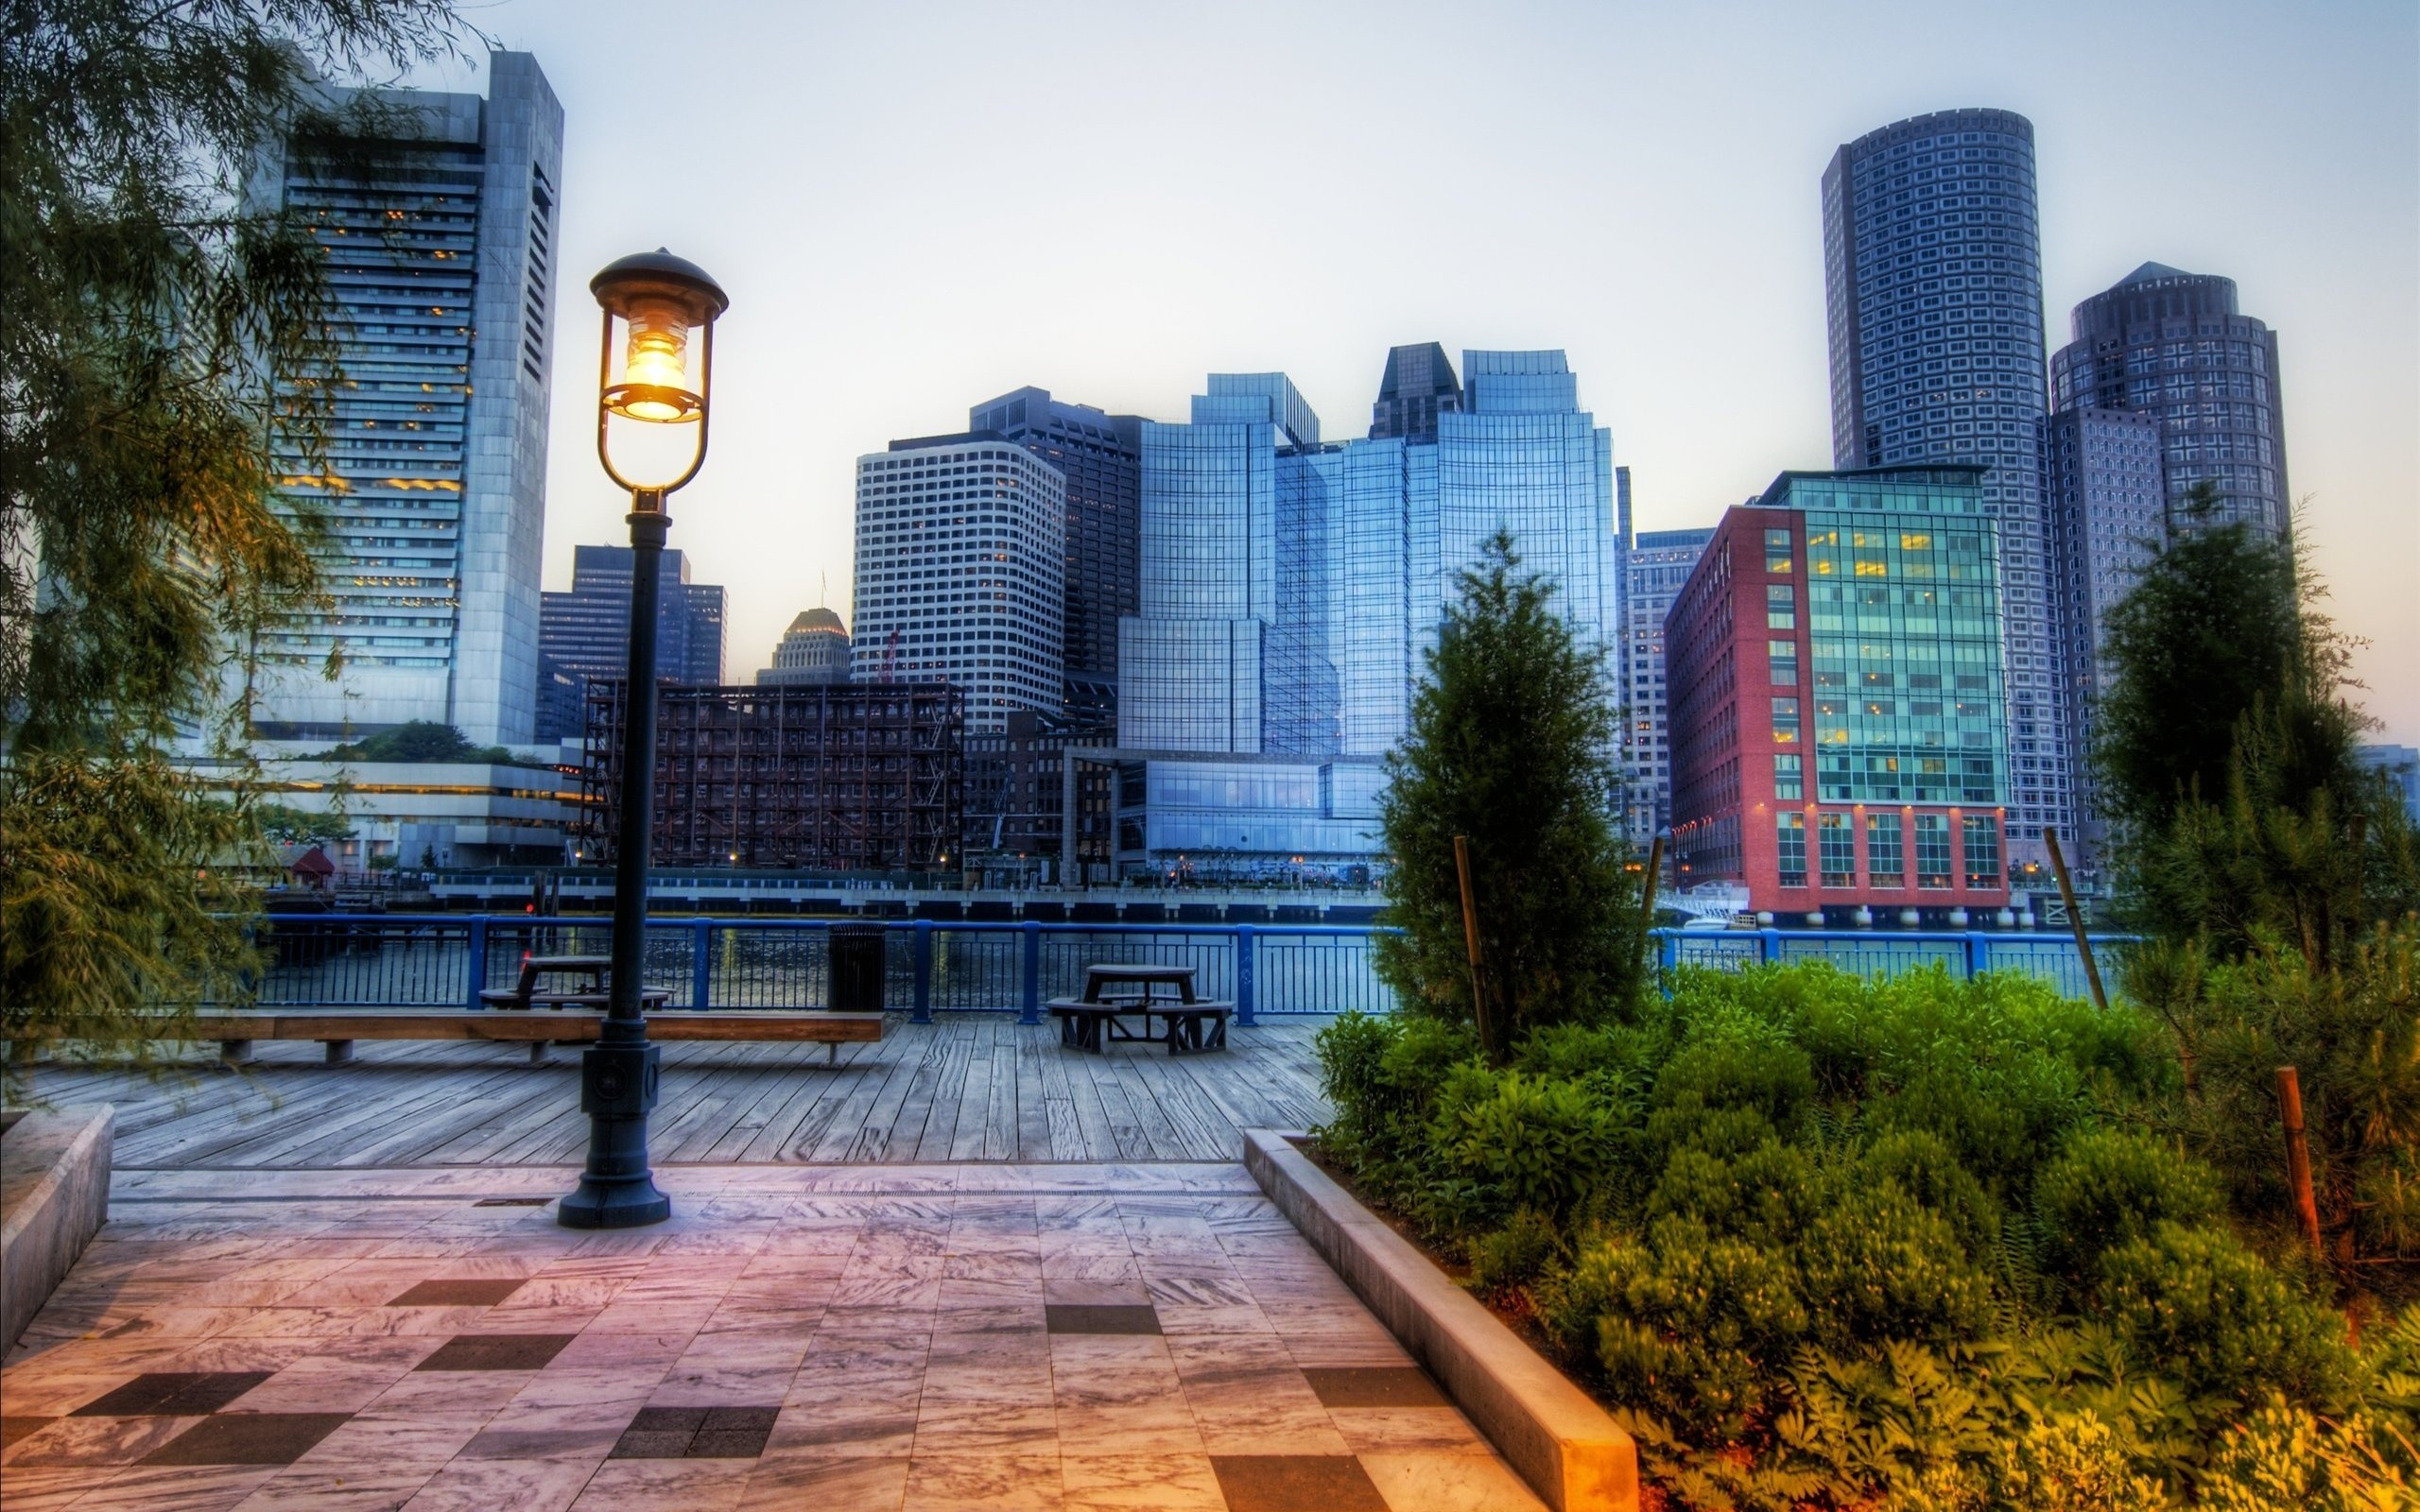 Fotografías HDR de ciudades - 2560x1600